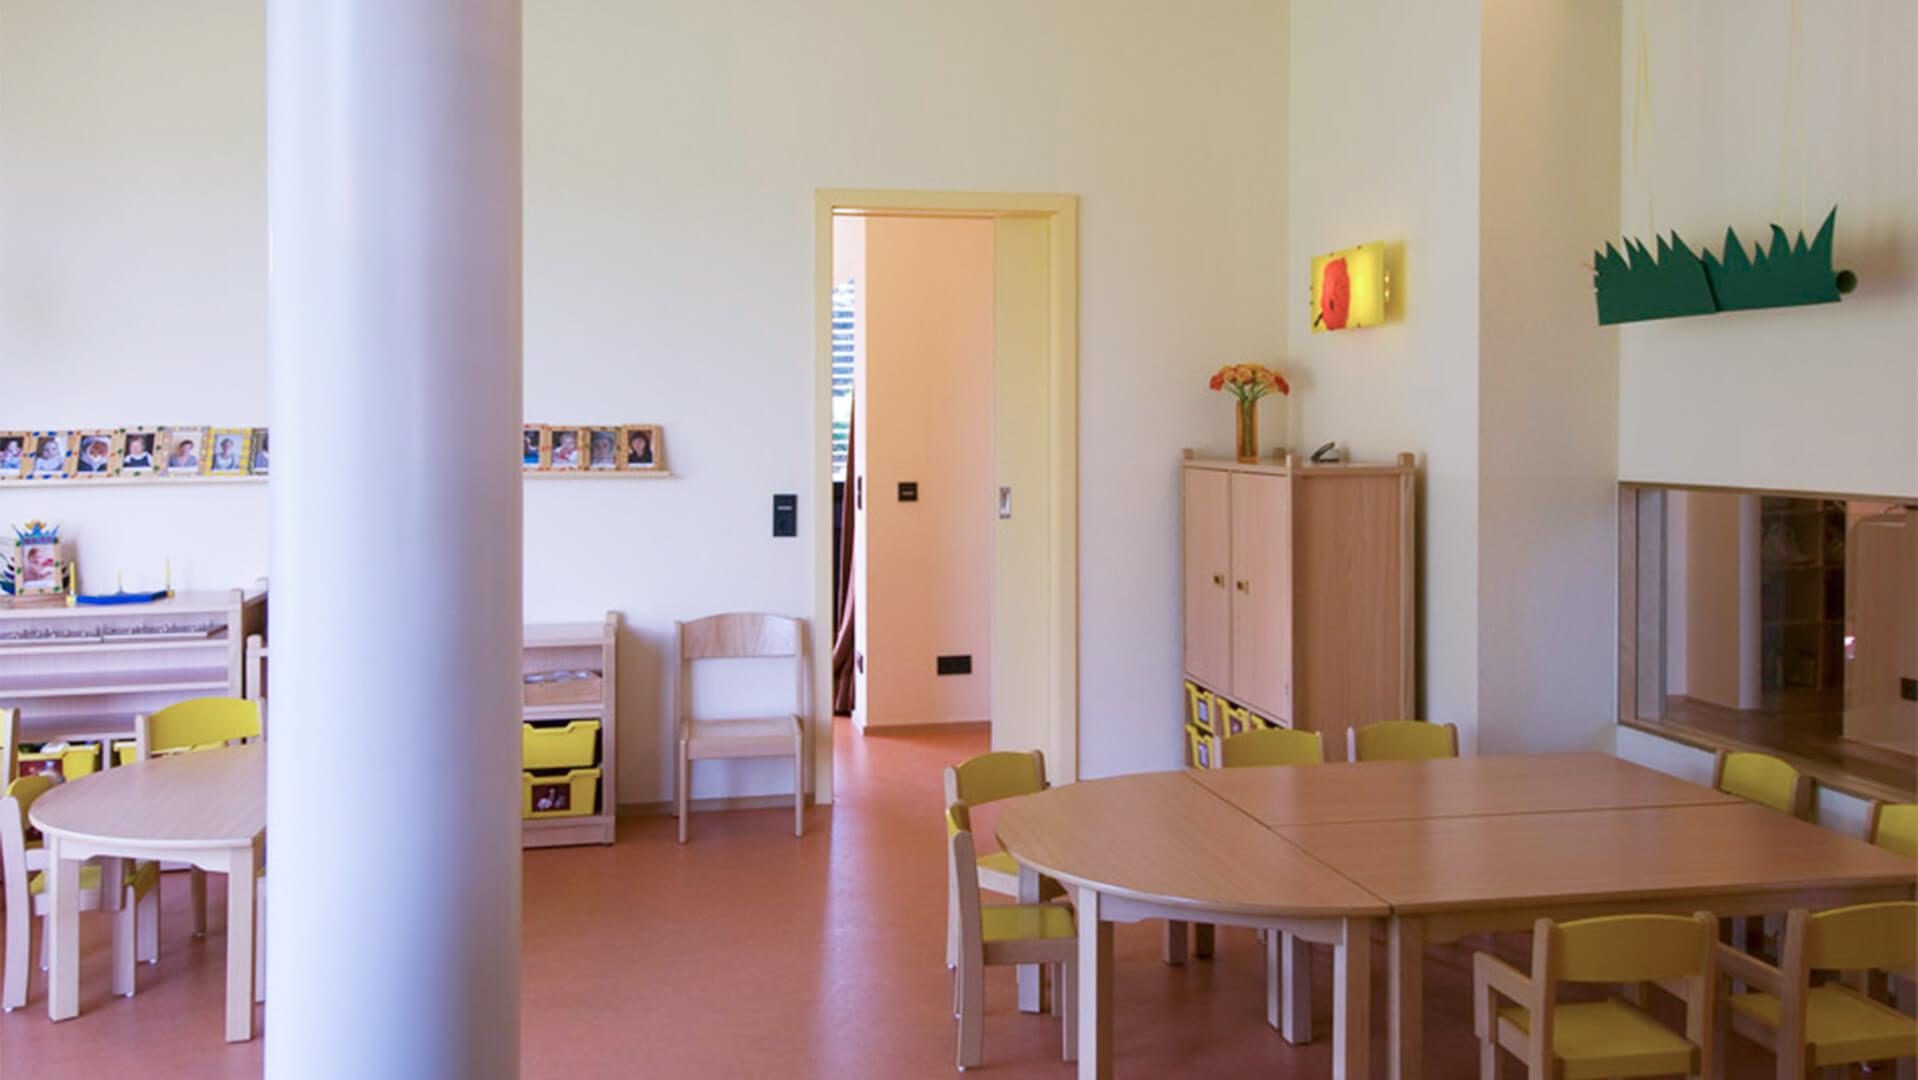 Gruppenraum mit runden Tischen und Stühlen für viele Kinder